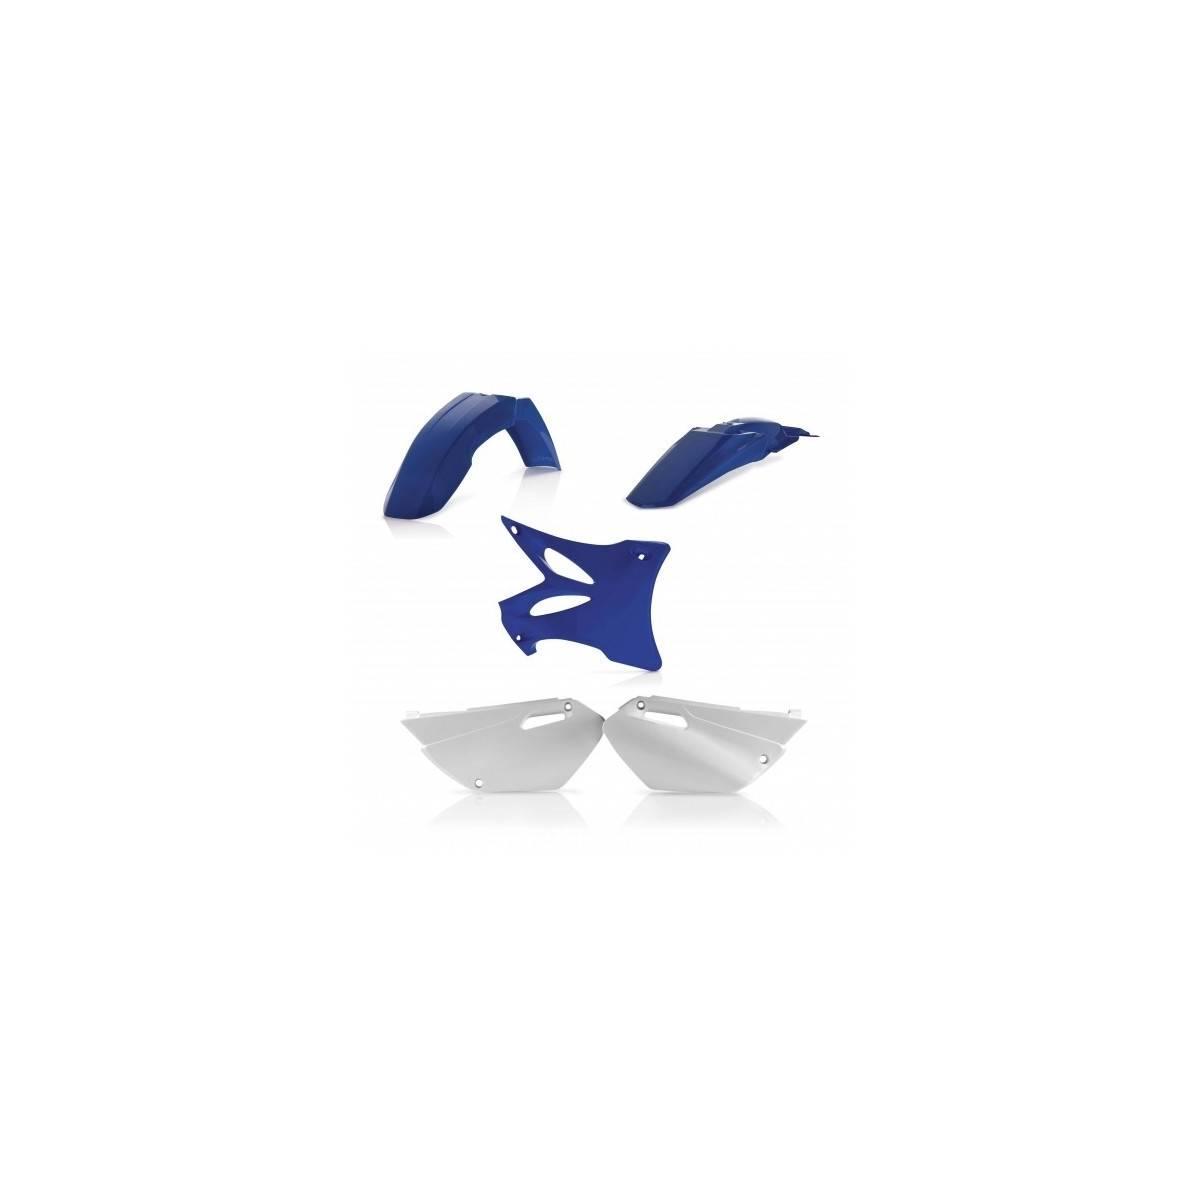 0007519-553 - Kit Plasticos Yzf 250 Yzf 450 03 05 Origen